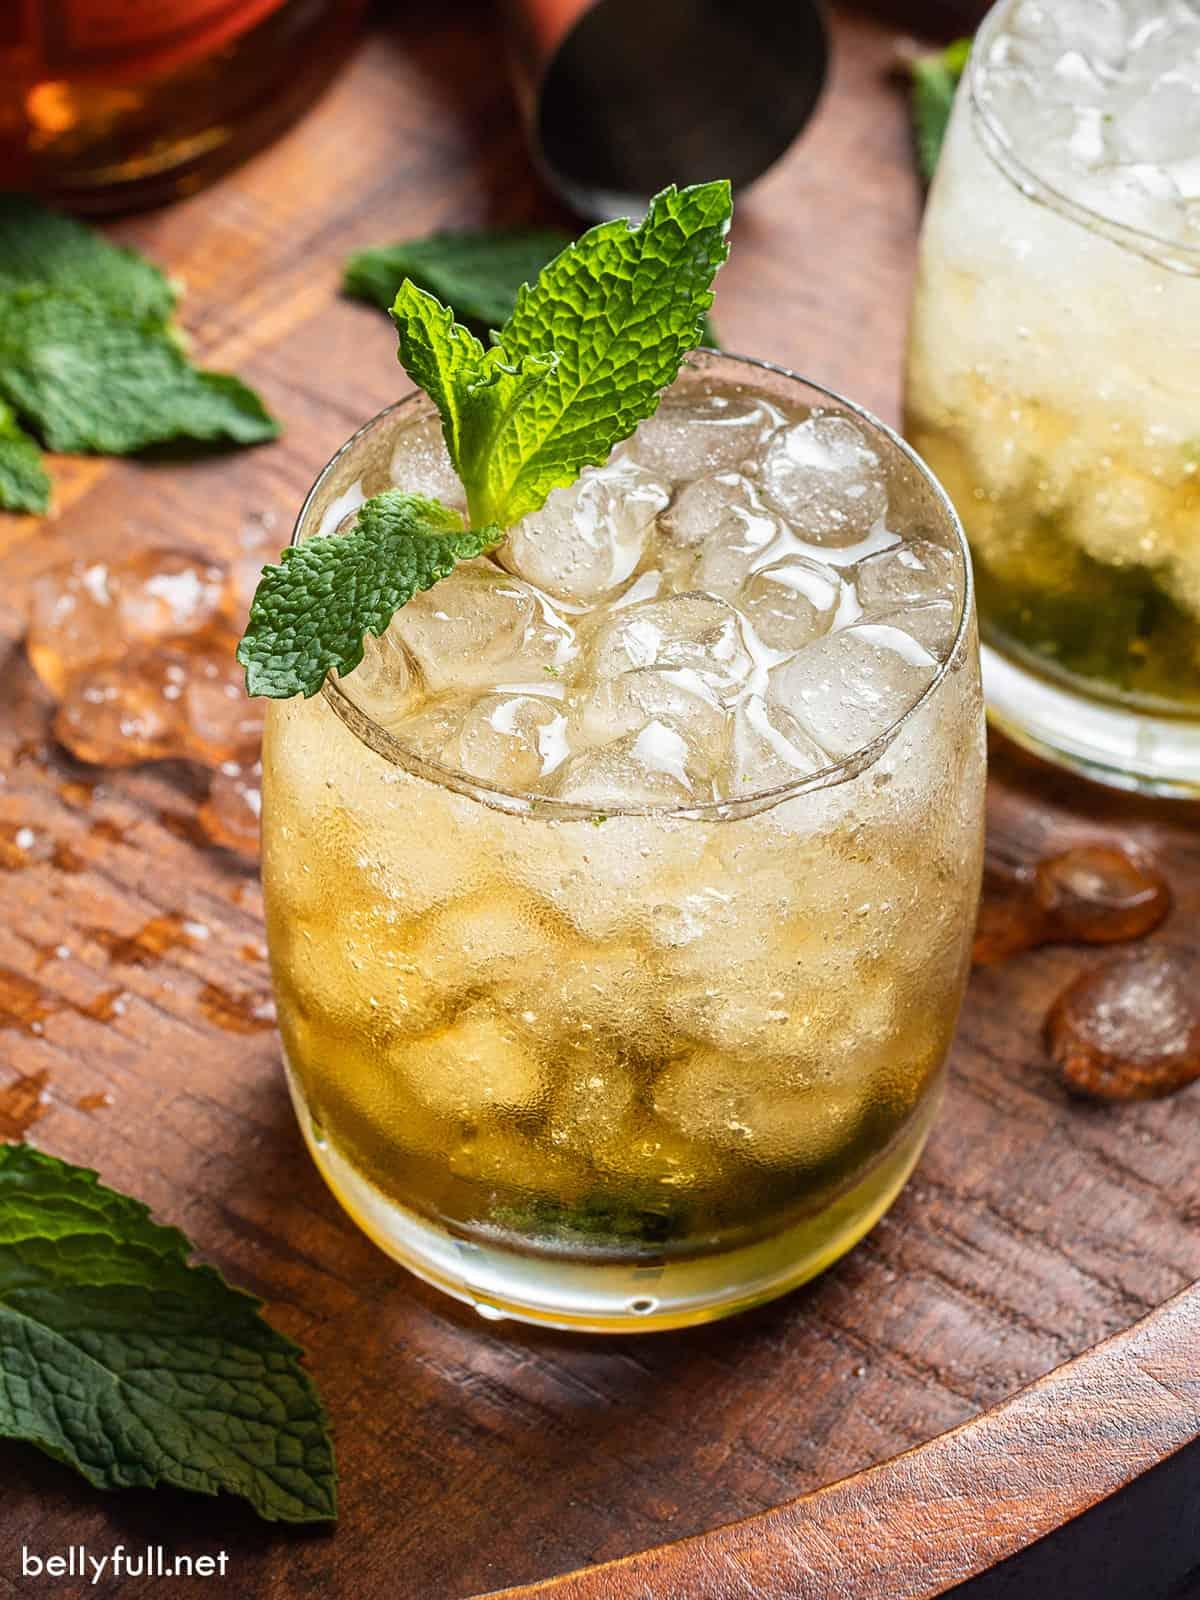 Thành phần 65ml rượu bourbon 10 lá bạc hà 12,5ml xi-rô đường 2: 1 (xem mẹo, bên dưới) đá , khối và nghiền Đối với trang trí một nhánh bạc hà lớn và một cái ống hút Phương pháp BƯỚC 1 Lắc rượu bourbon, lá bạc hà và xi-rô đường với đá rồi cho vào ly bóng tròn hoặc hộp thiếc nhỏ chứa đầy đá bào. Dùng thìa cán dài khuấy nhẹ và rắc thêm đá bào lên trên. Trang trí và phục vụ.